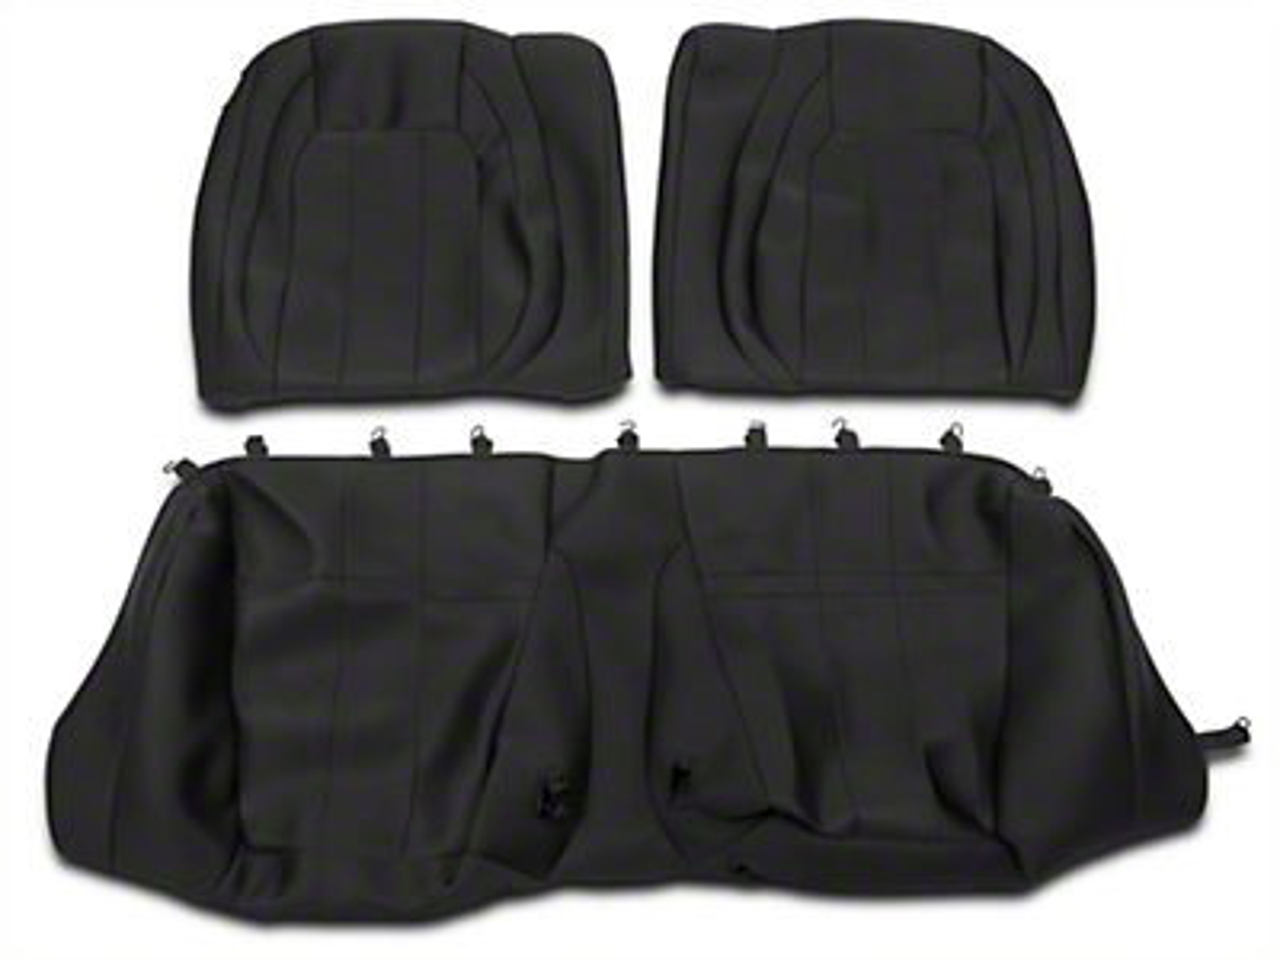 Caltrend Neosupreme Rear Seat Covers - Black (15-17 Fastback)